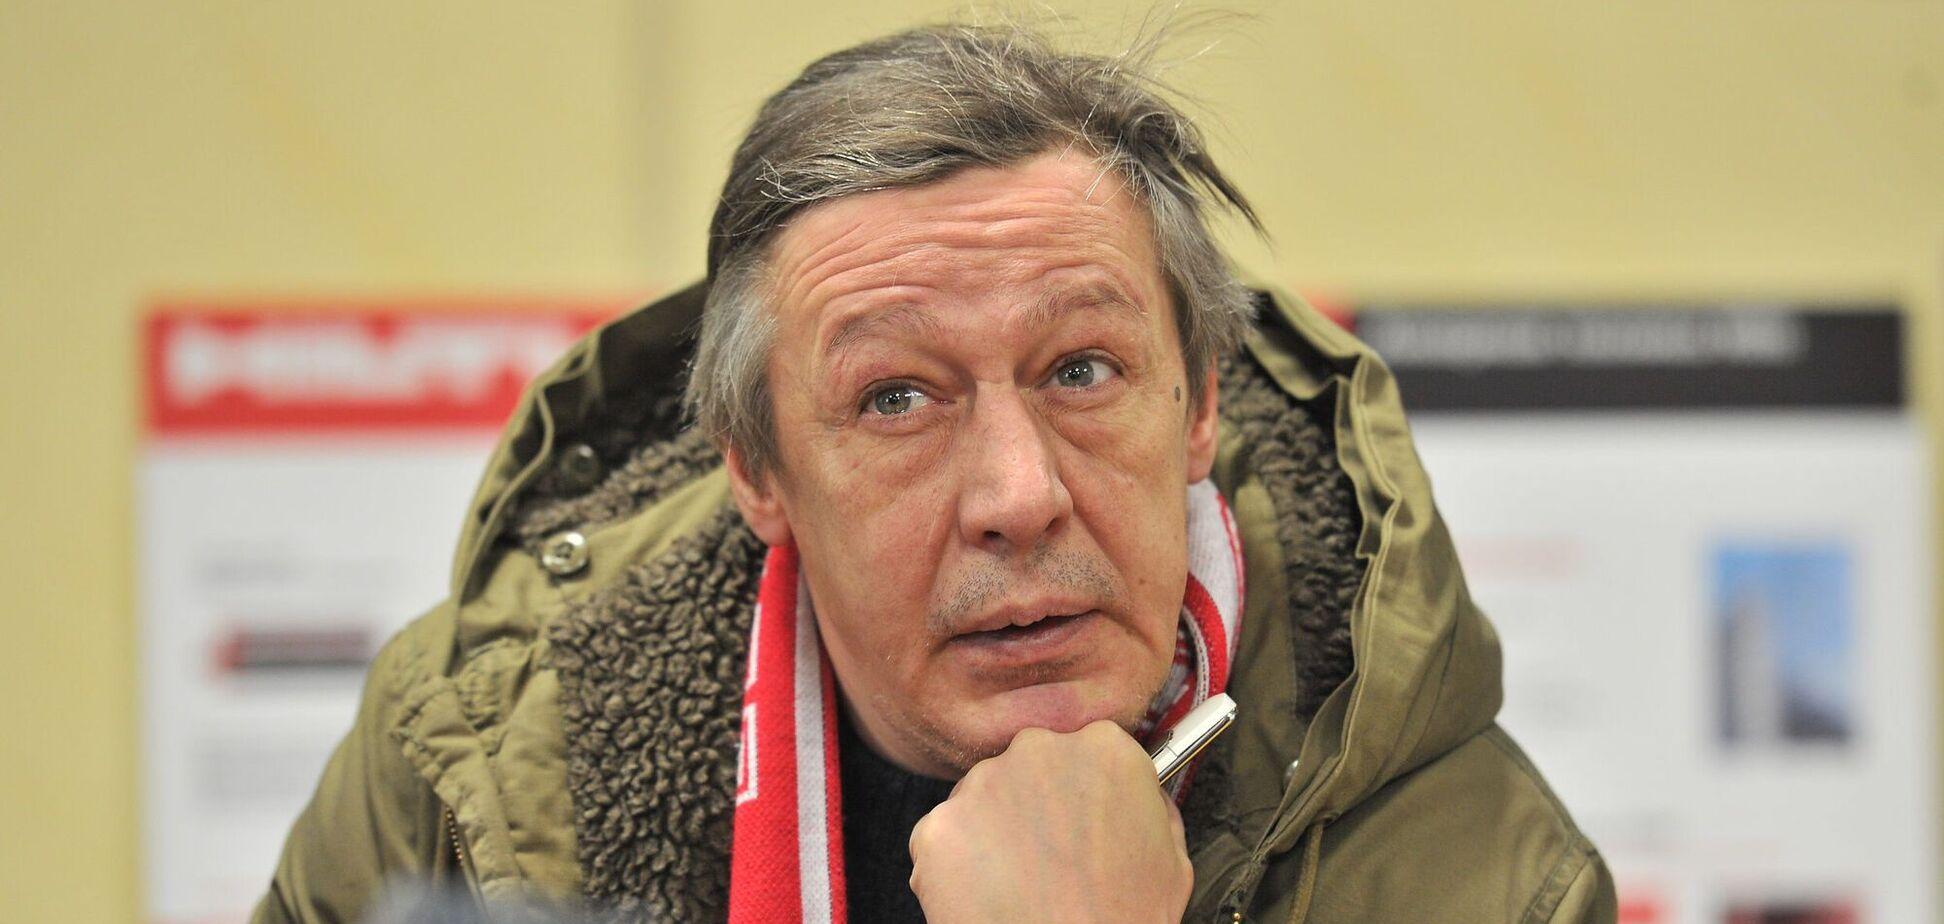 Михаил Ефремов получил реальный срок из-за ДТП